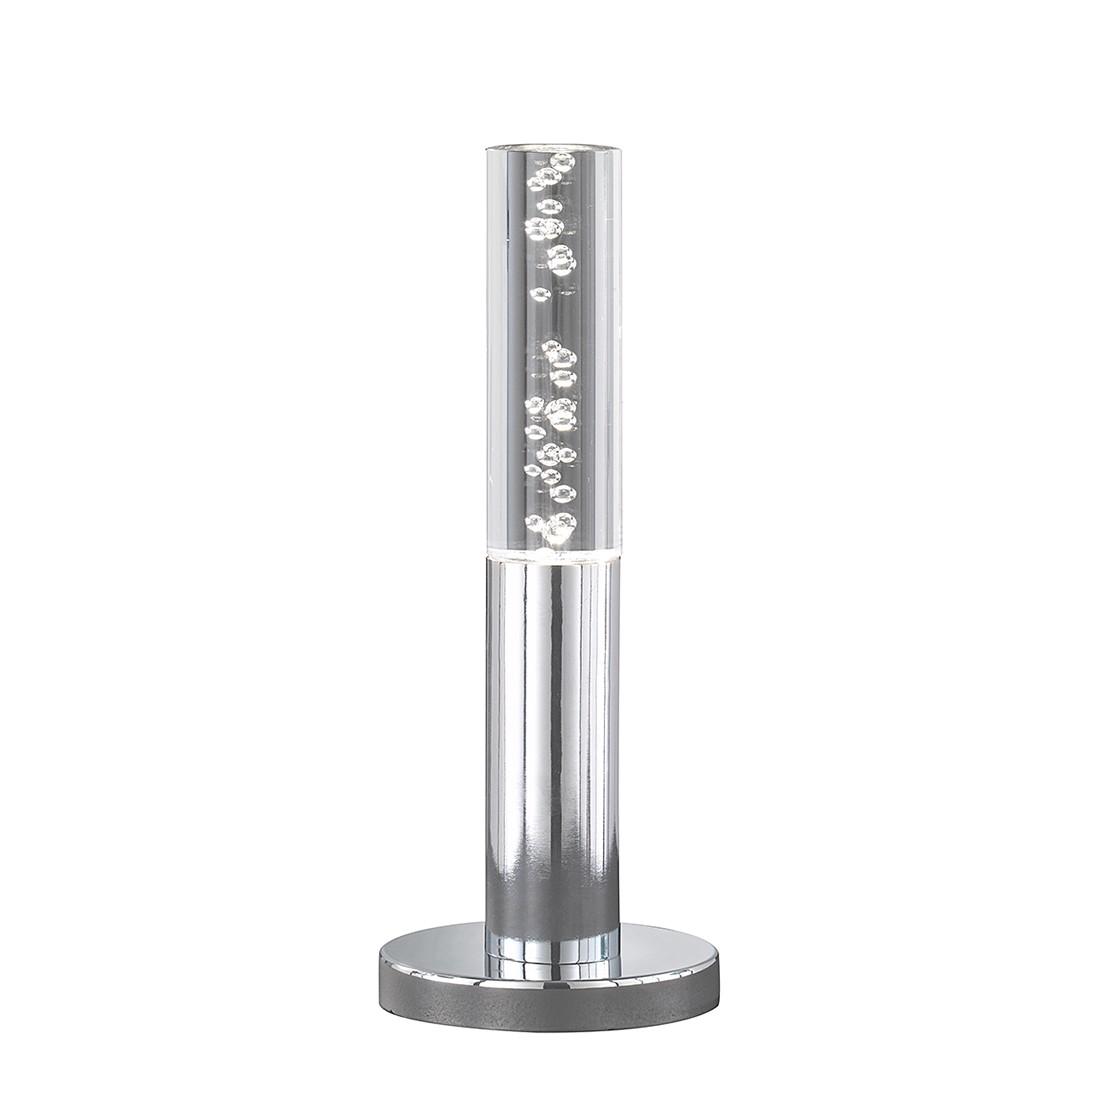 Tischleuchte MIDU ● Metall/Kunststoff ● 1-flammig- Lux A+